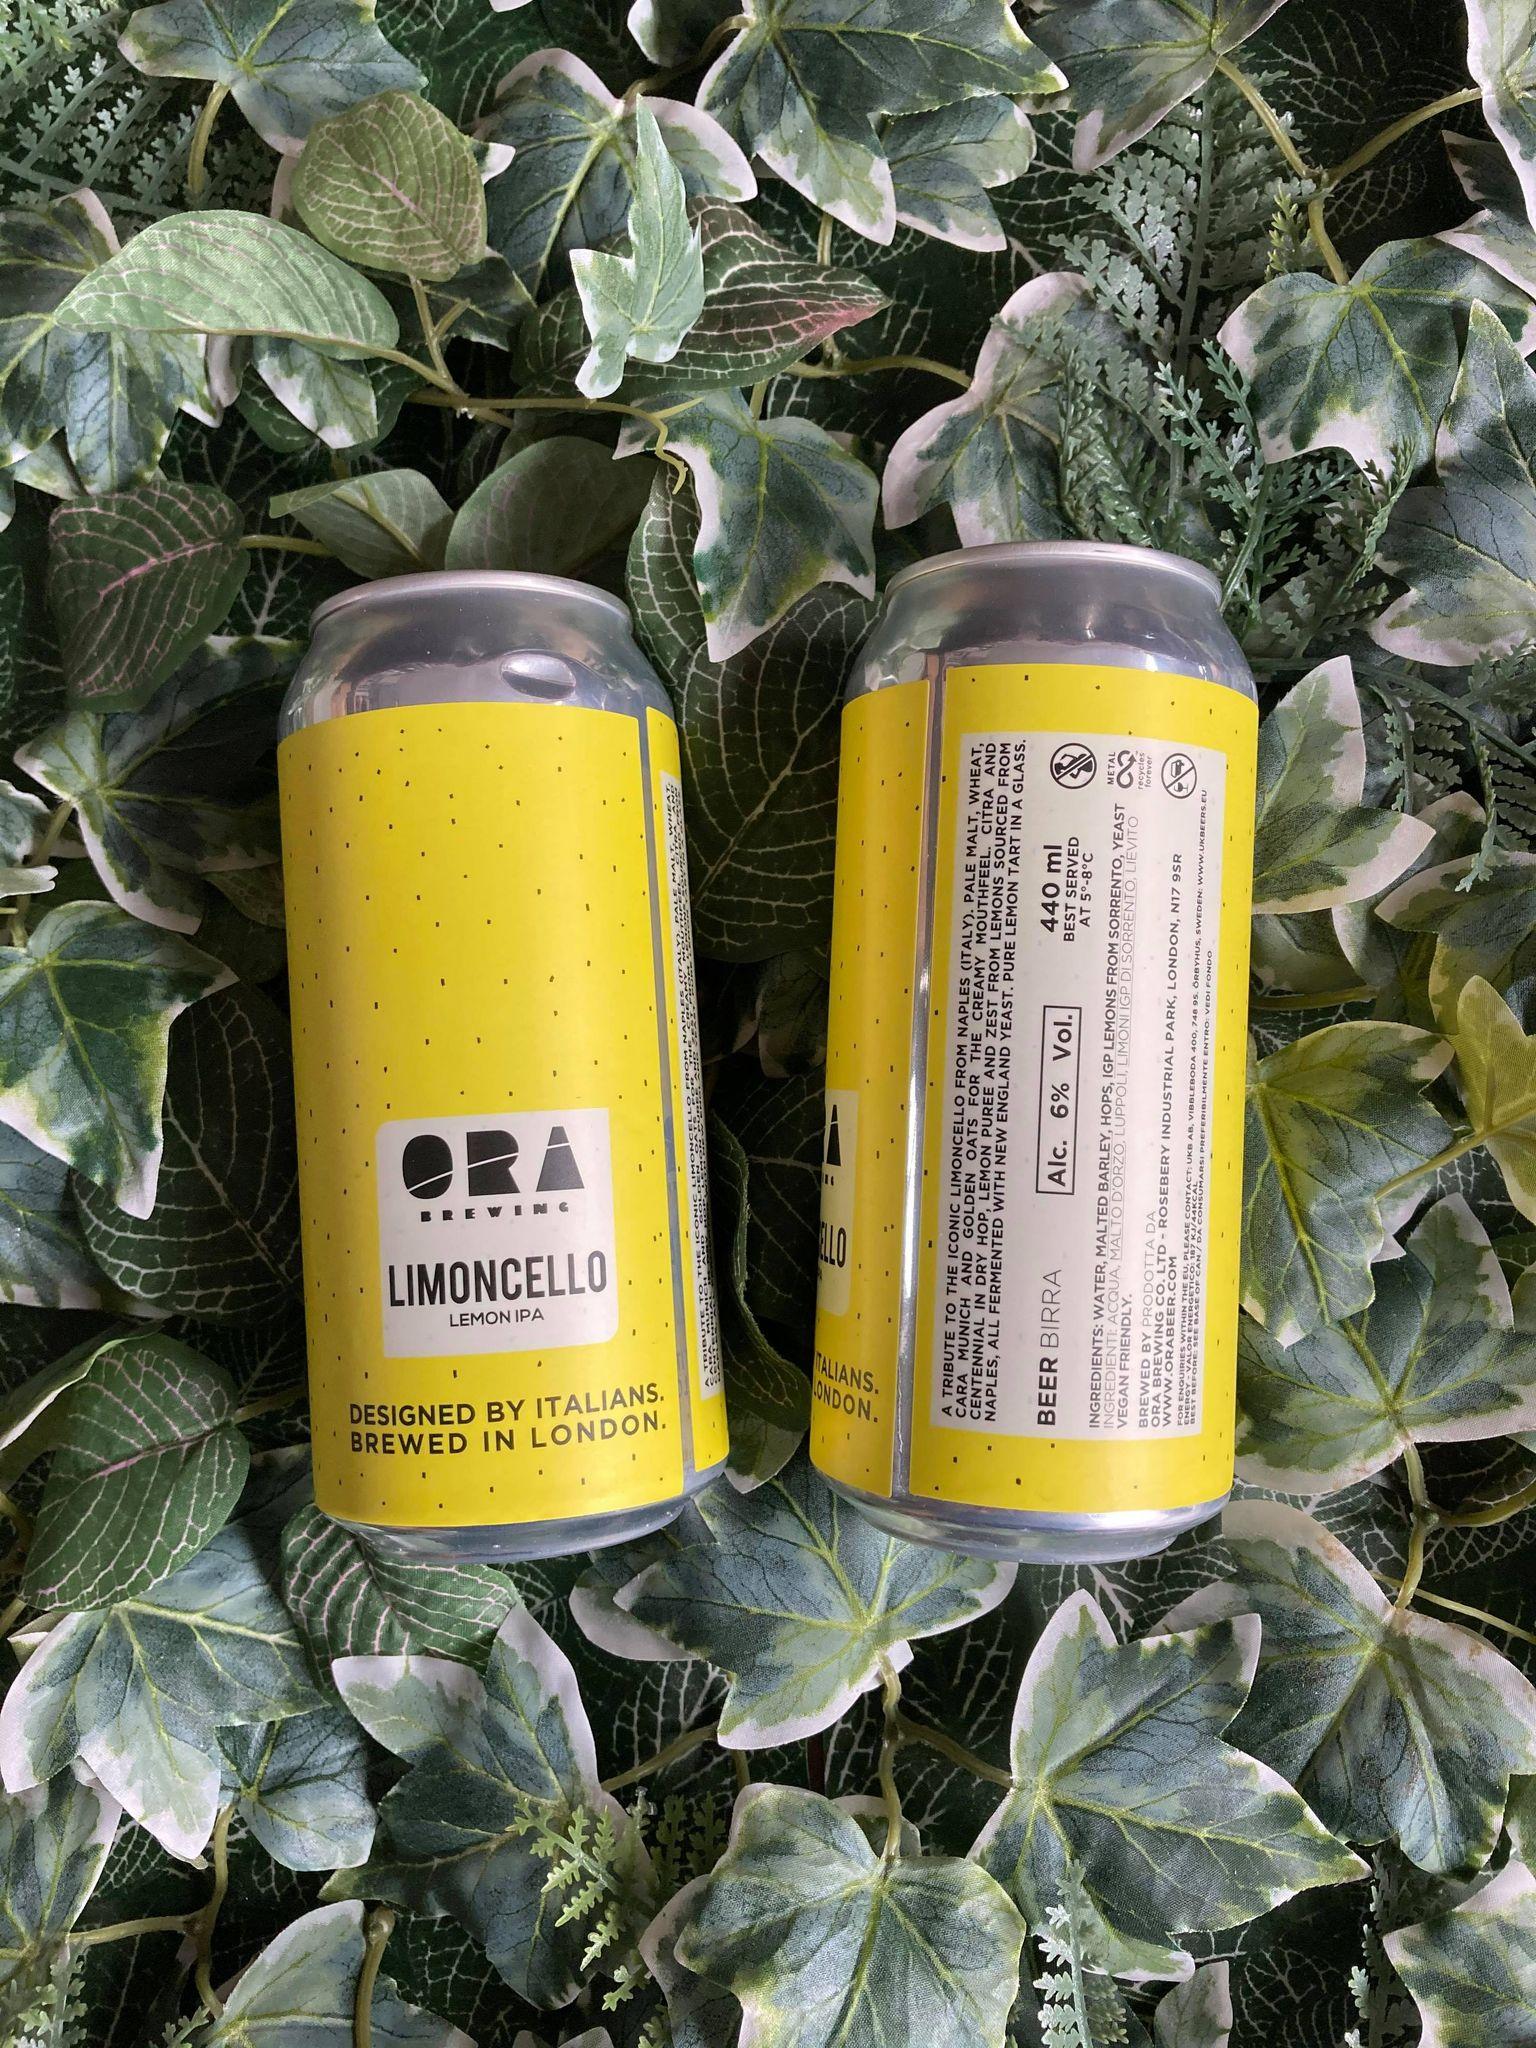 ORA -  Limoncello IPA 6%